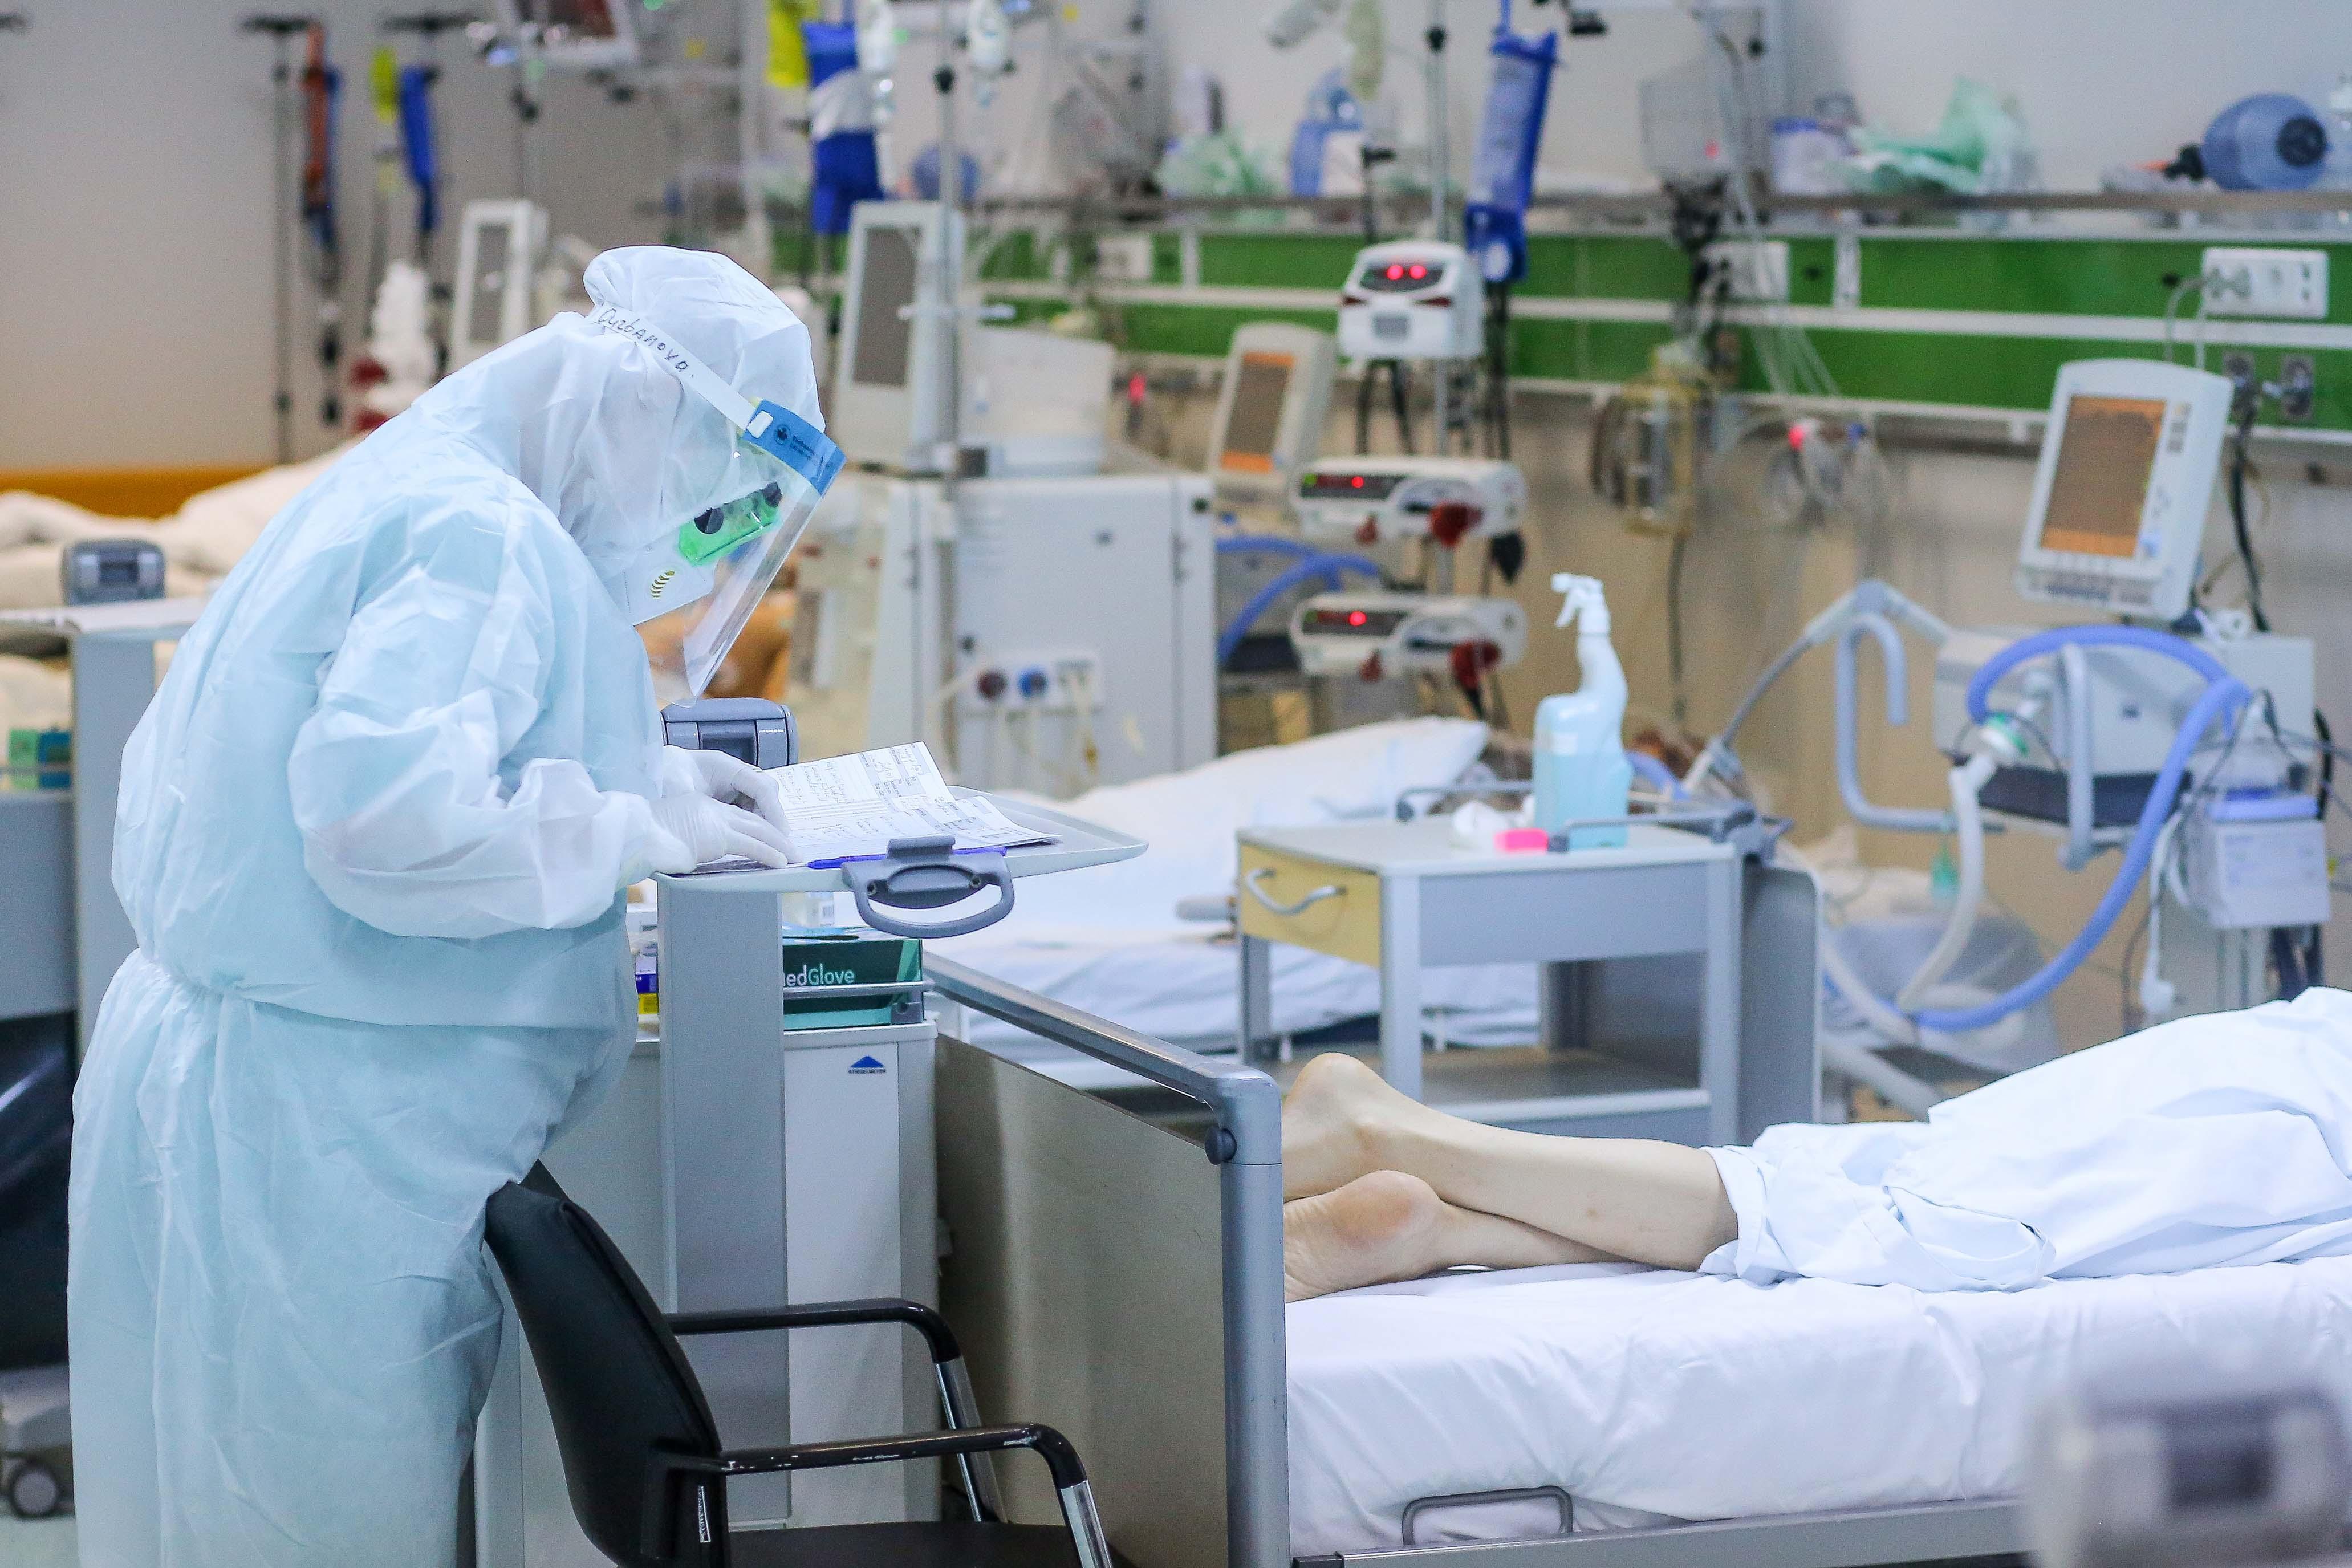 Azərbaycanda 391 nəfər koronavirusa yoluxdu  - 9 ölü